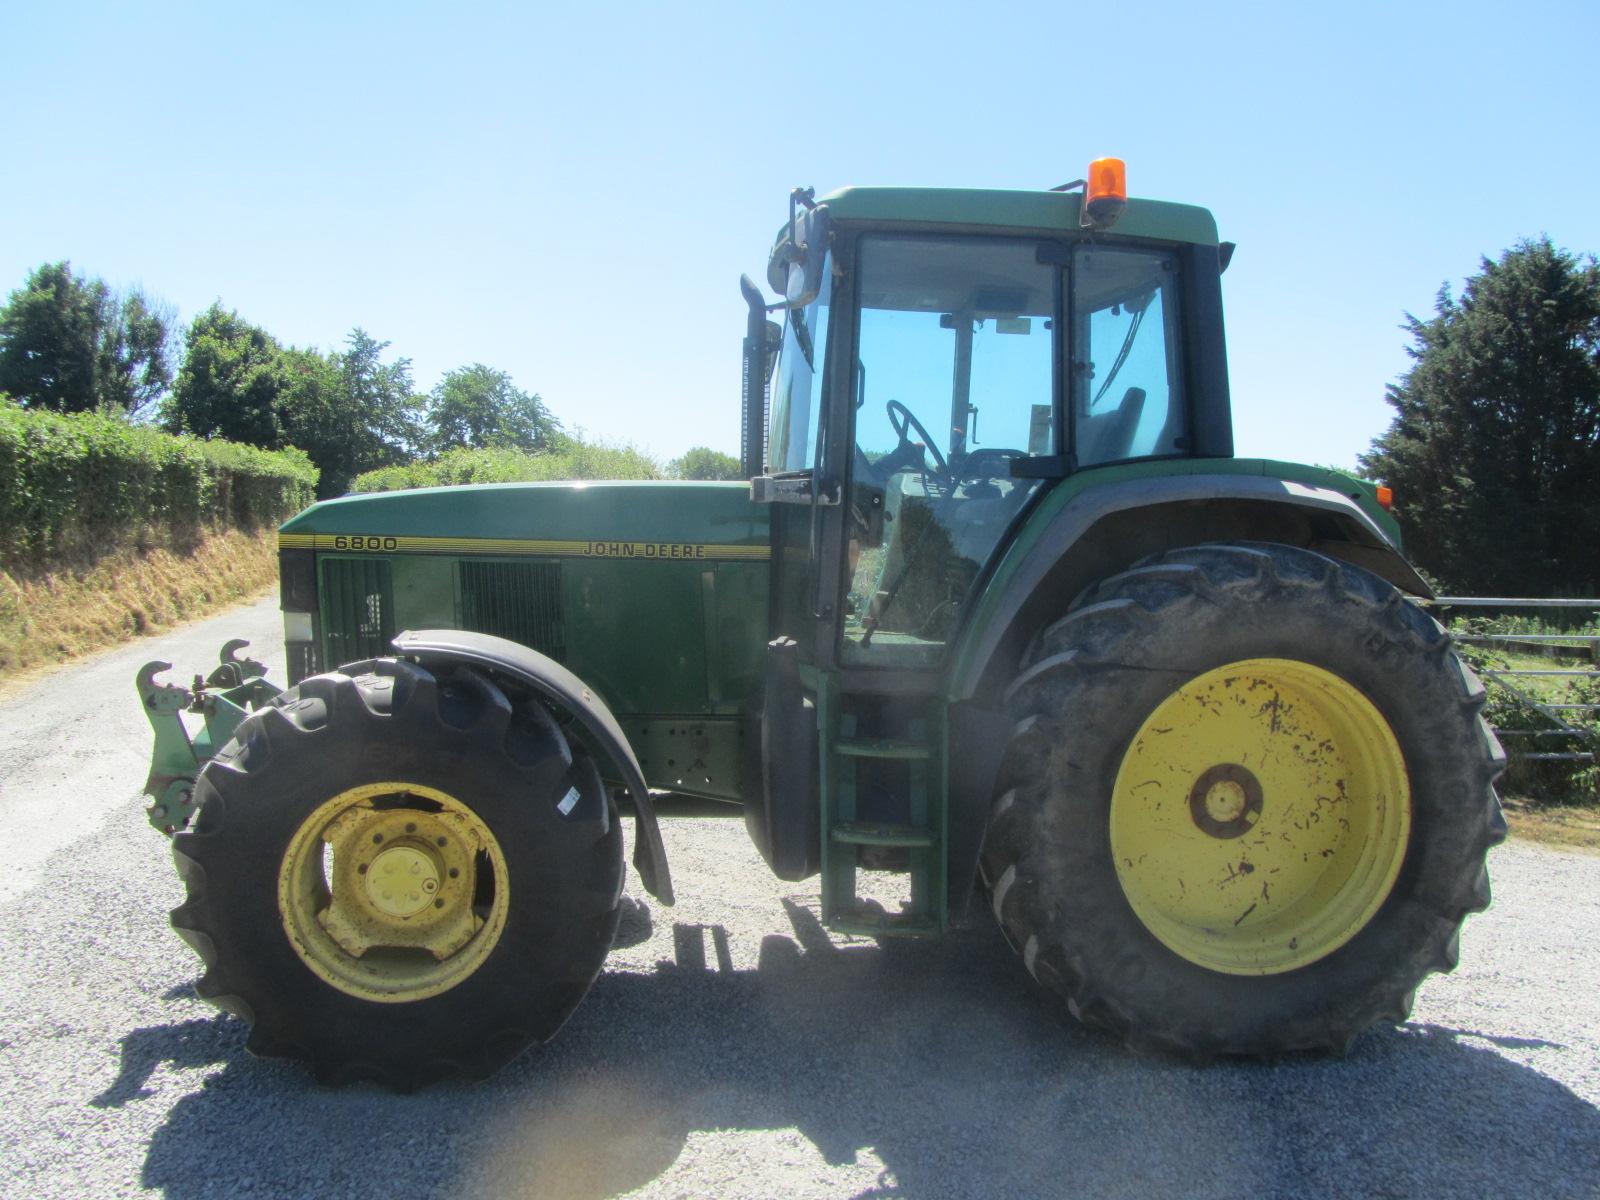 Front Tractor Fenders Ls Tractor : Front fenders for john deere tractor best fender